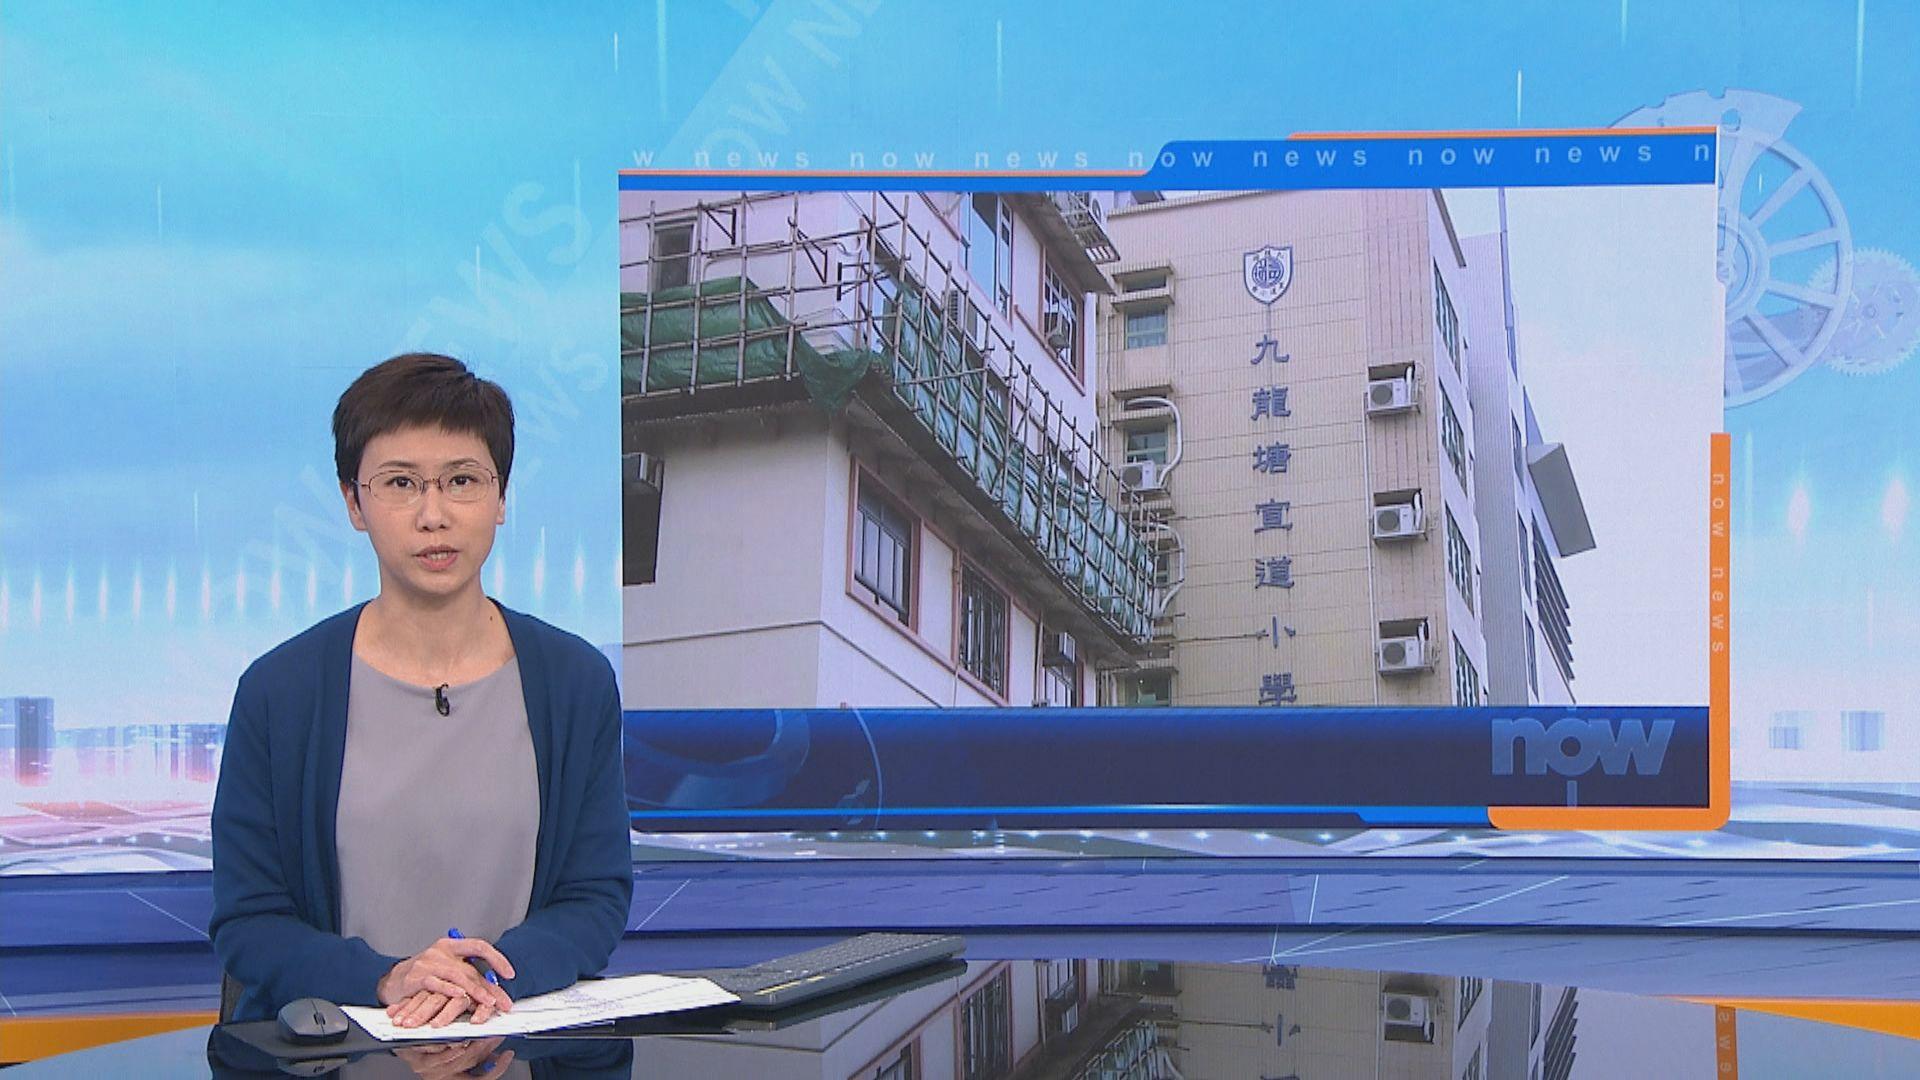 宣道小學:涉事教師已離職 盡力確保校園保持政治中立